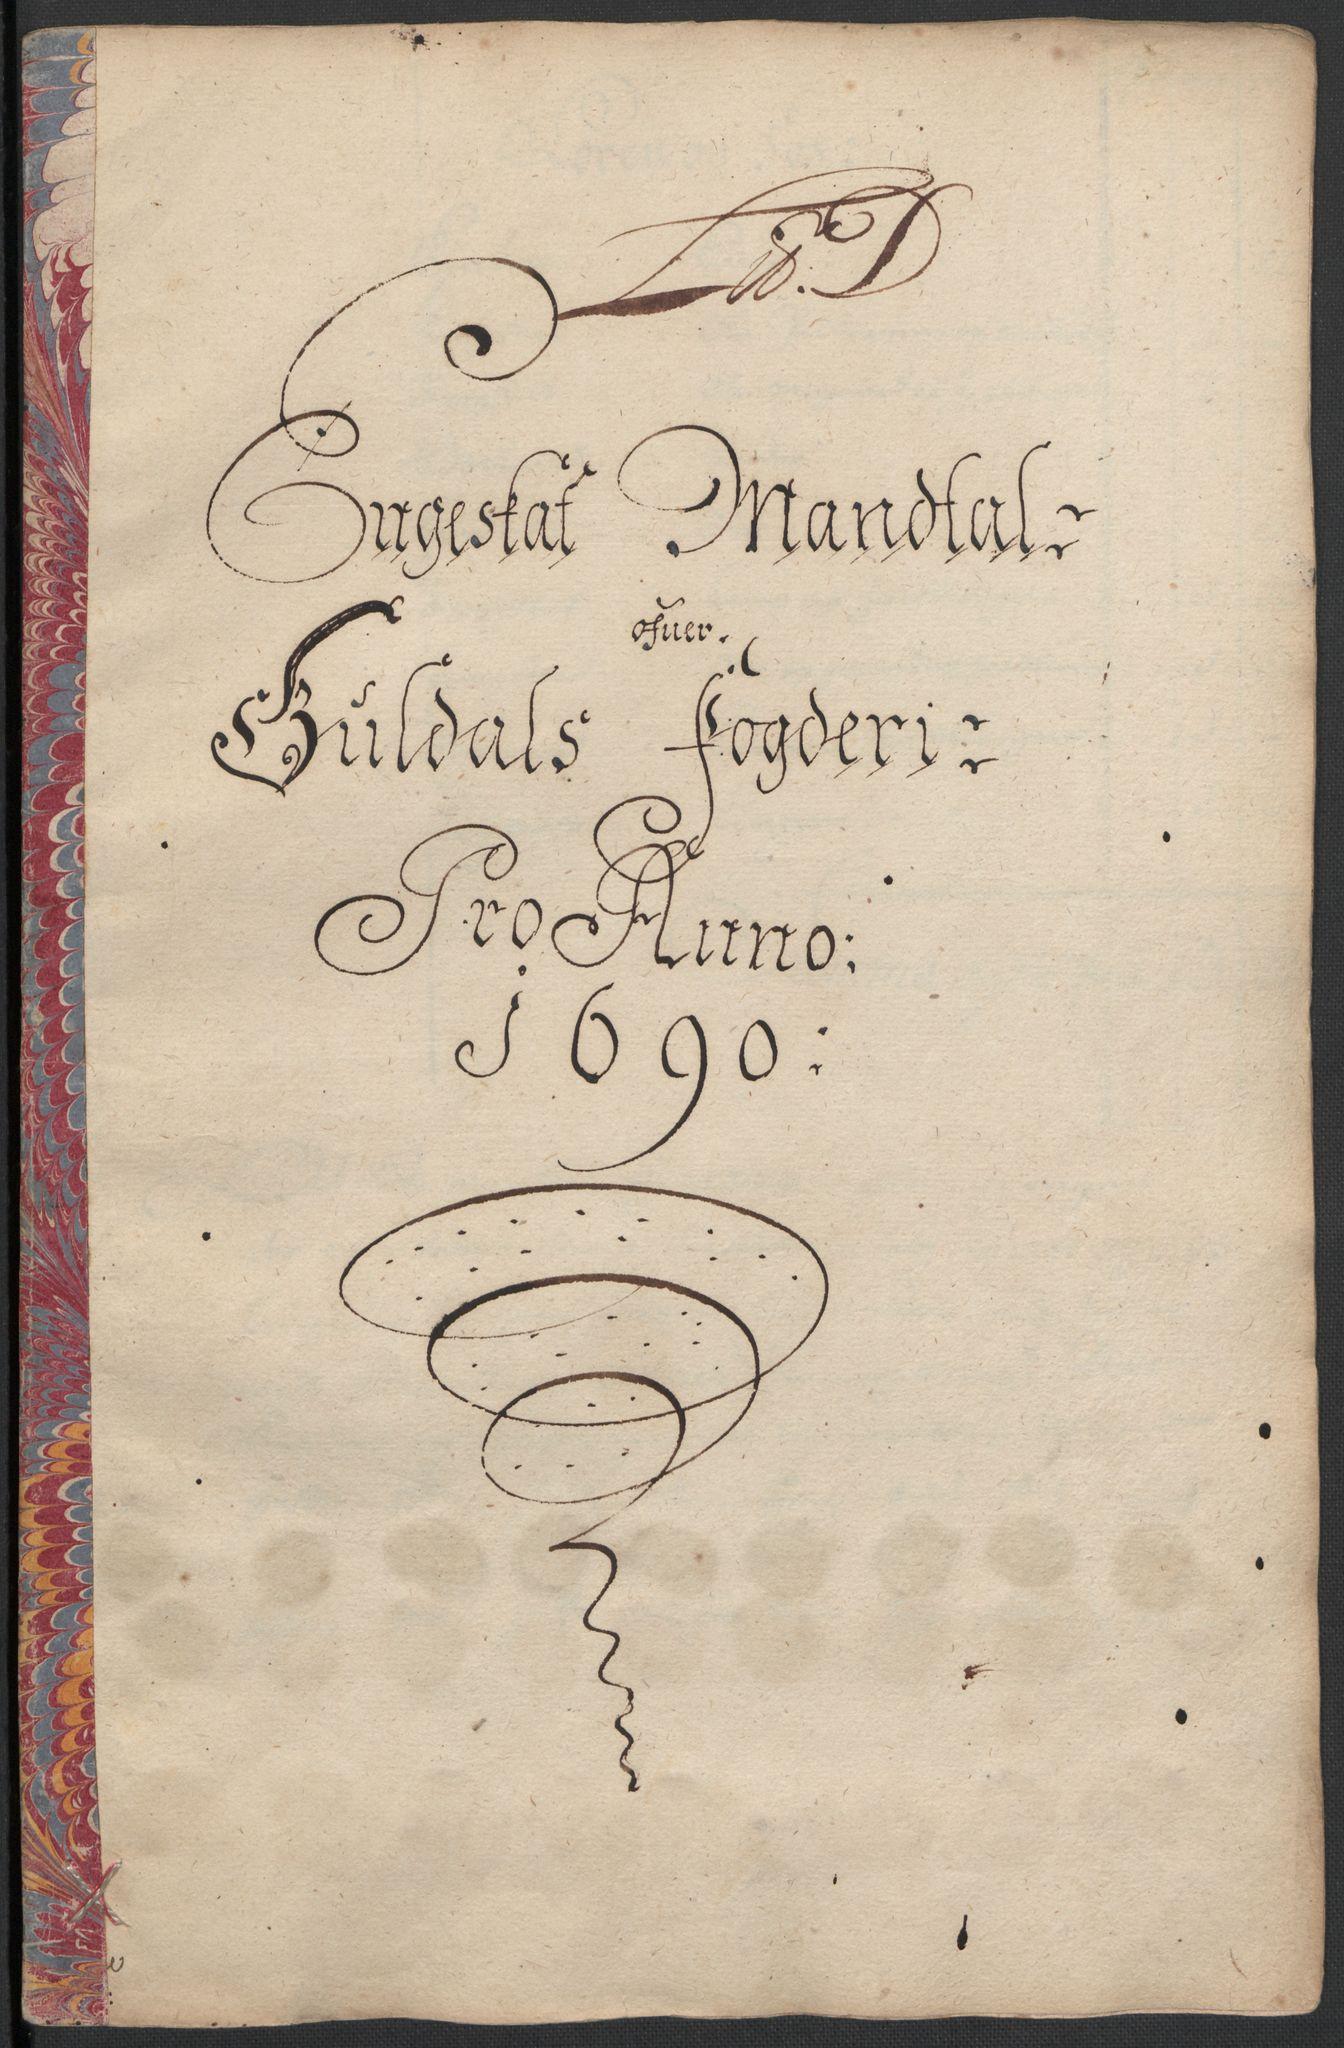 RA, Rentekammeret inntil 1814, Reviderte regnskaper, Fogderegnskap, R59/L3940: Fogderegnskap Gauldal, 1689-1690, s. 246